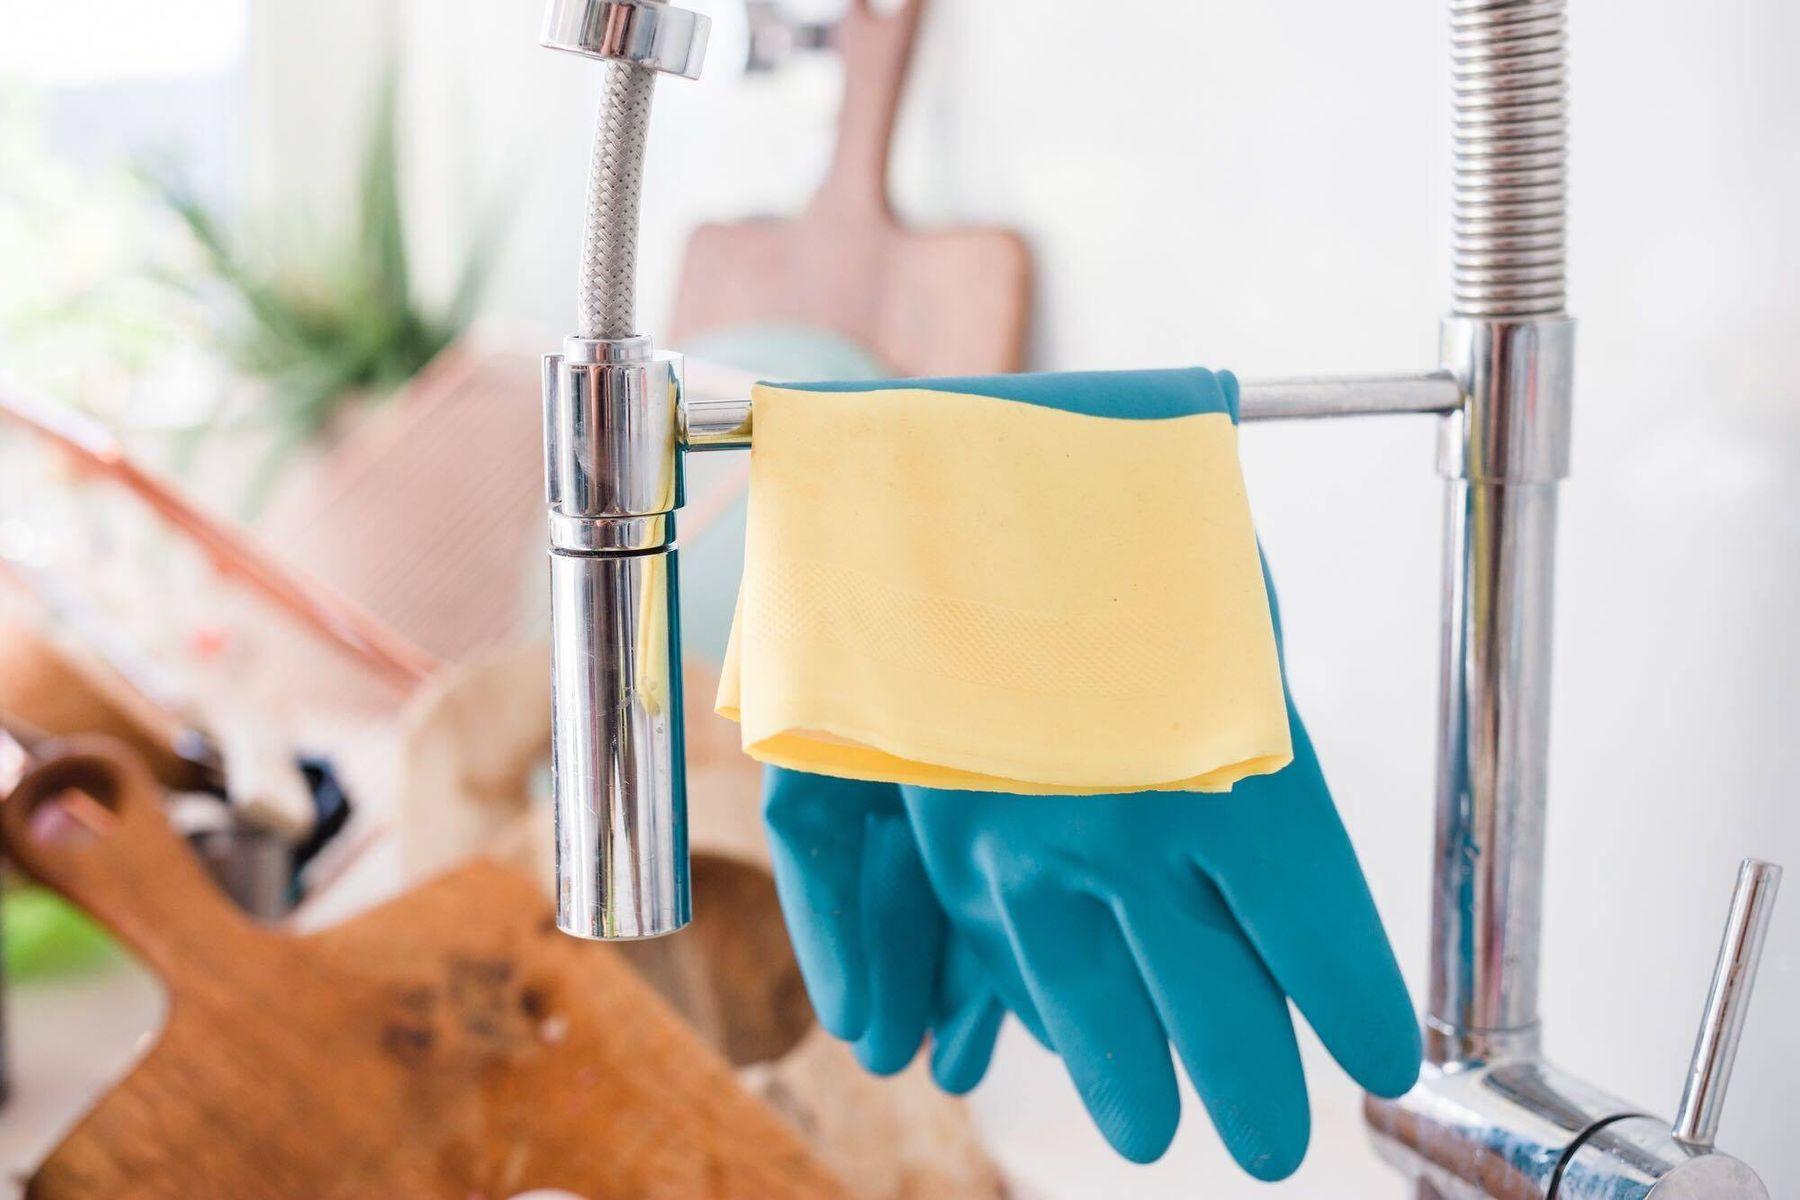 Mutfakta musluk üzerinde duran mavi temizlik eldiveni